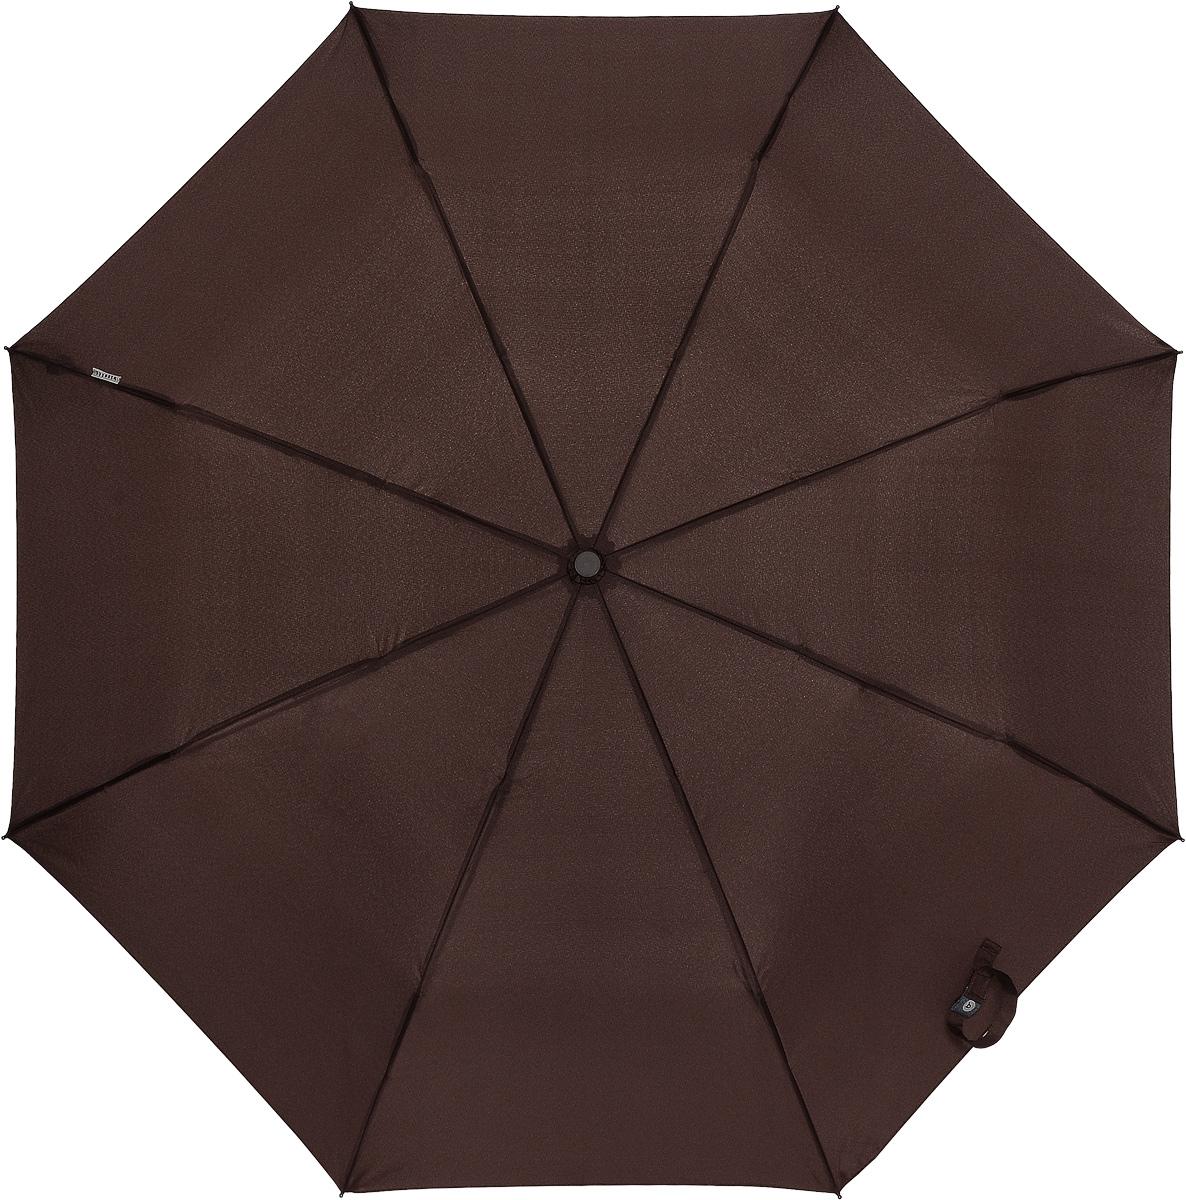 Bisetti 3264-3 Зонт полный автом. 3 сл. муж.3264-3Зонт испанского производителя Clima. В производстве зонтов используются современные материалы, что делает зонты легкими, но в то же время крепкими.Полный автомат, 3 сложения, 8 спиц по 55см, полиэстер.